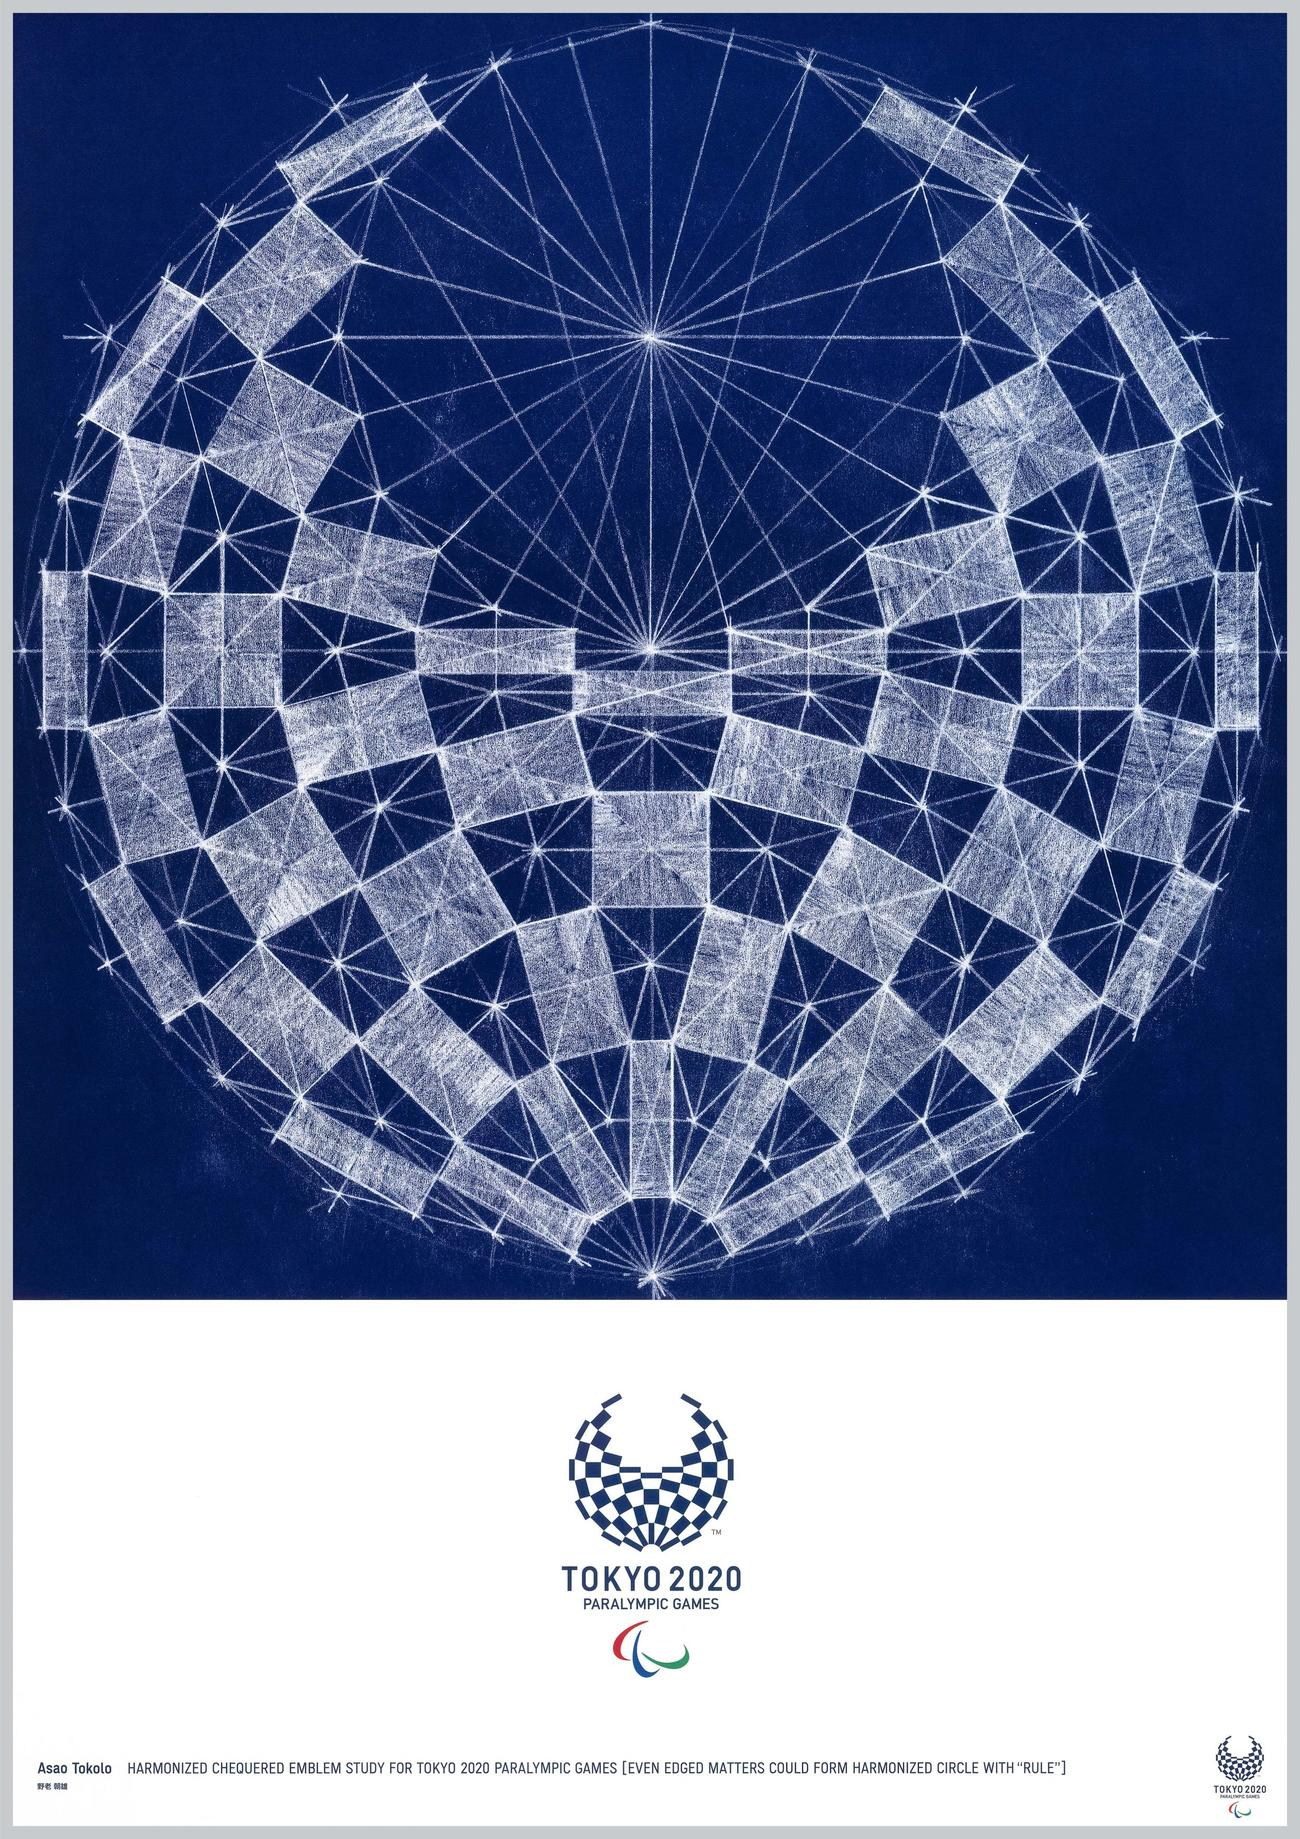 """美術家の野老朝雄氏が手掛けたパラリンピックをテーマにした作品「HARMONIZED CHEQUERED EMBLEM STUDY FOR TOKYO 2020 PARALYMPIC GAMES 〔EVEN EDGED MATTERS COULD FORM HARMONIZED CIRCLE WITH """"RULE""""〕」@Tokyo2020"""